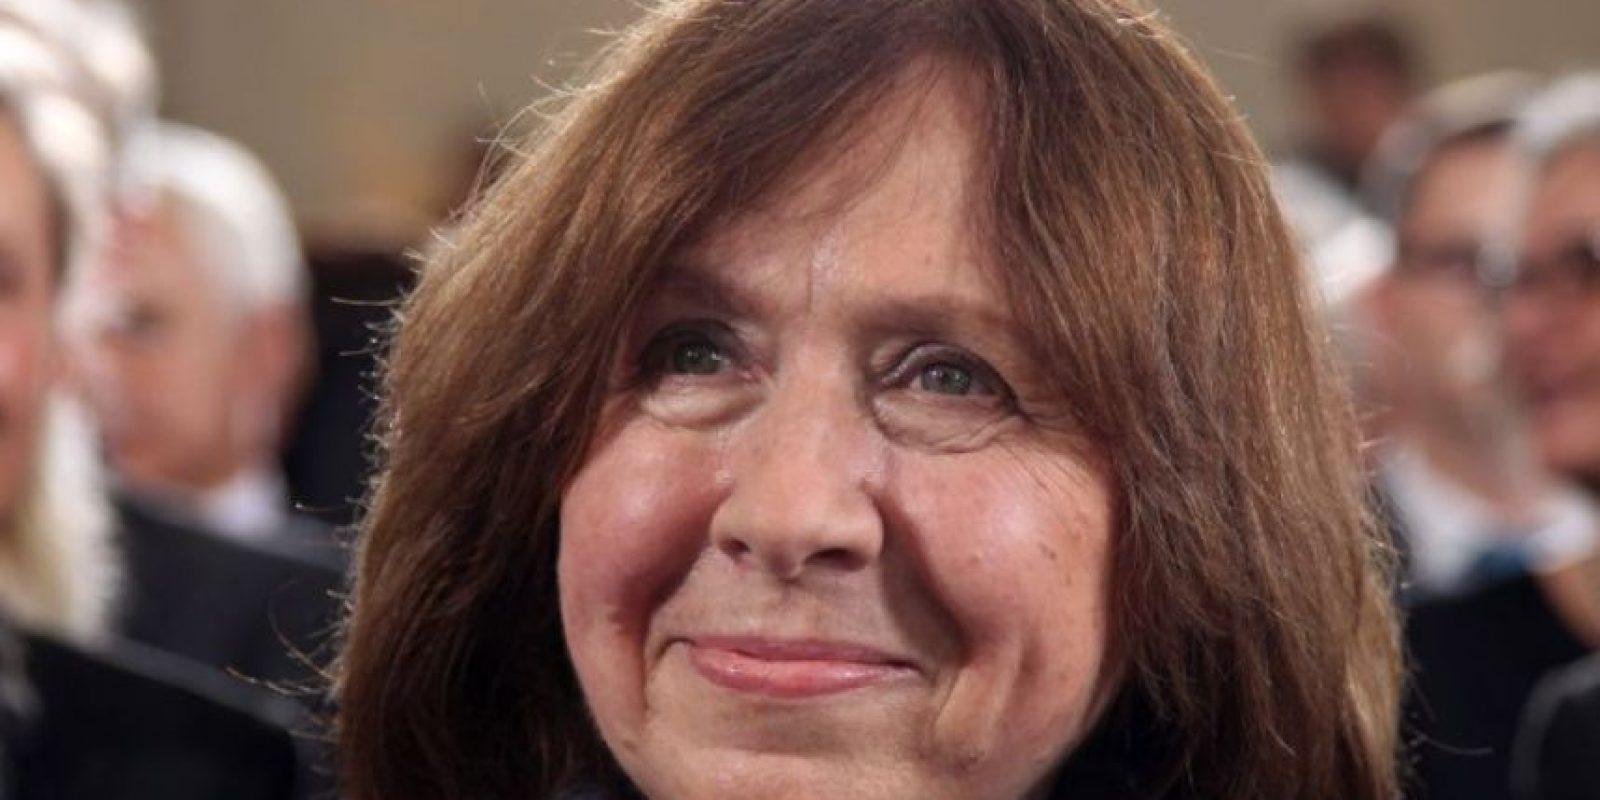 La escritora bielorrusa, Svetlana Alexievich, fue galardonada con el Premio Nobel de Literatura. Foto:AFP